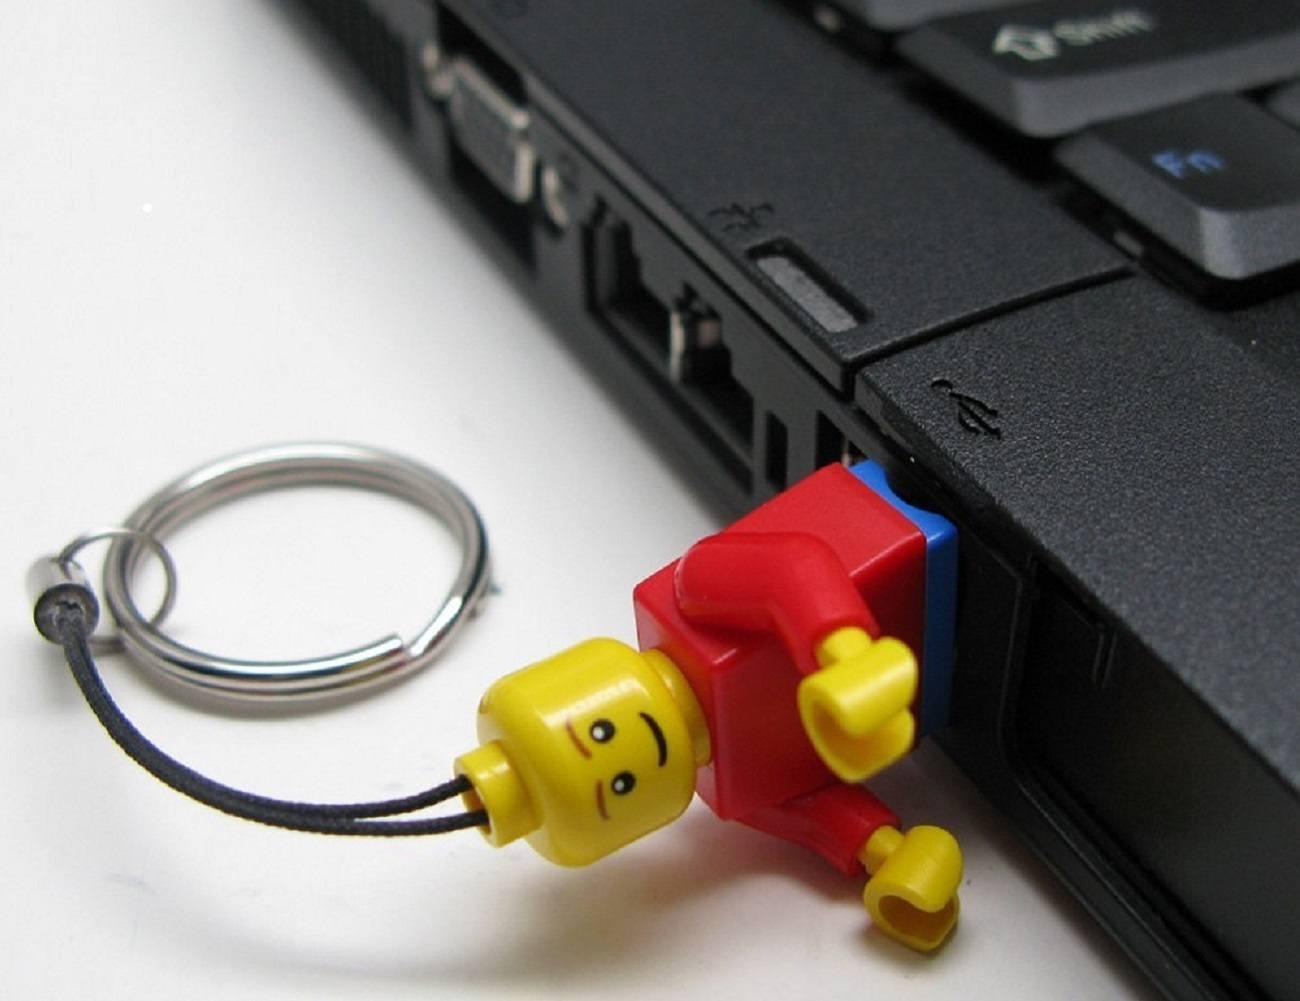 Lego+Minifigure+USB